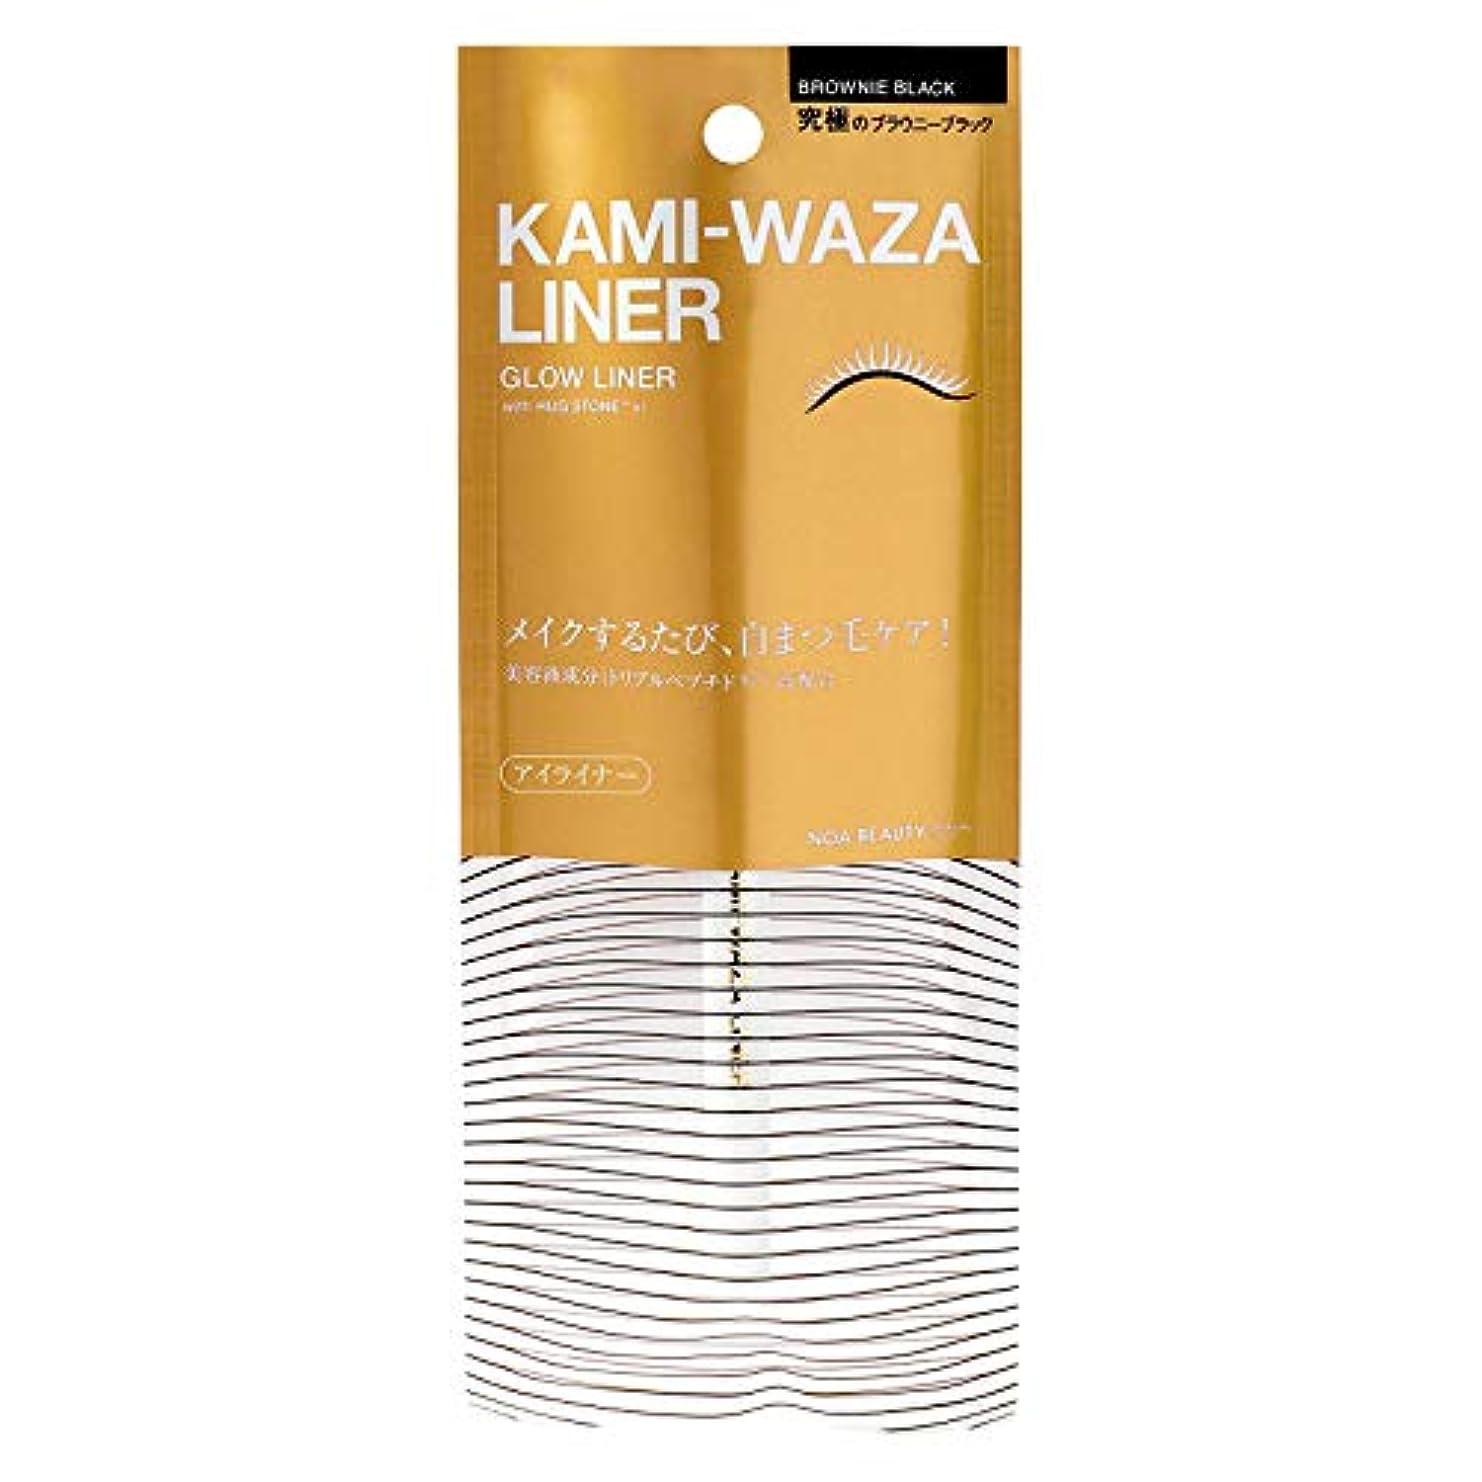 発表騙す危険を冒しますKAMI-WAZA(カミワザ) LINER 〈美容ライナー〉 KWL01 (0.5mL)